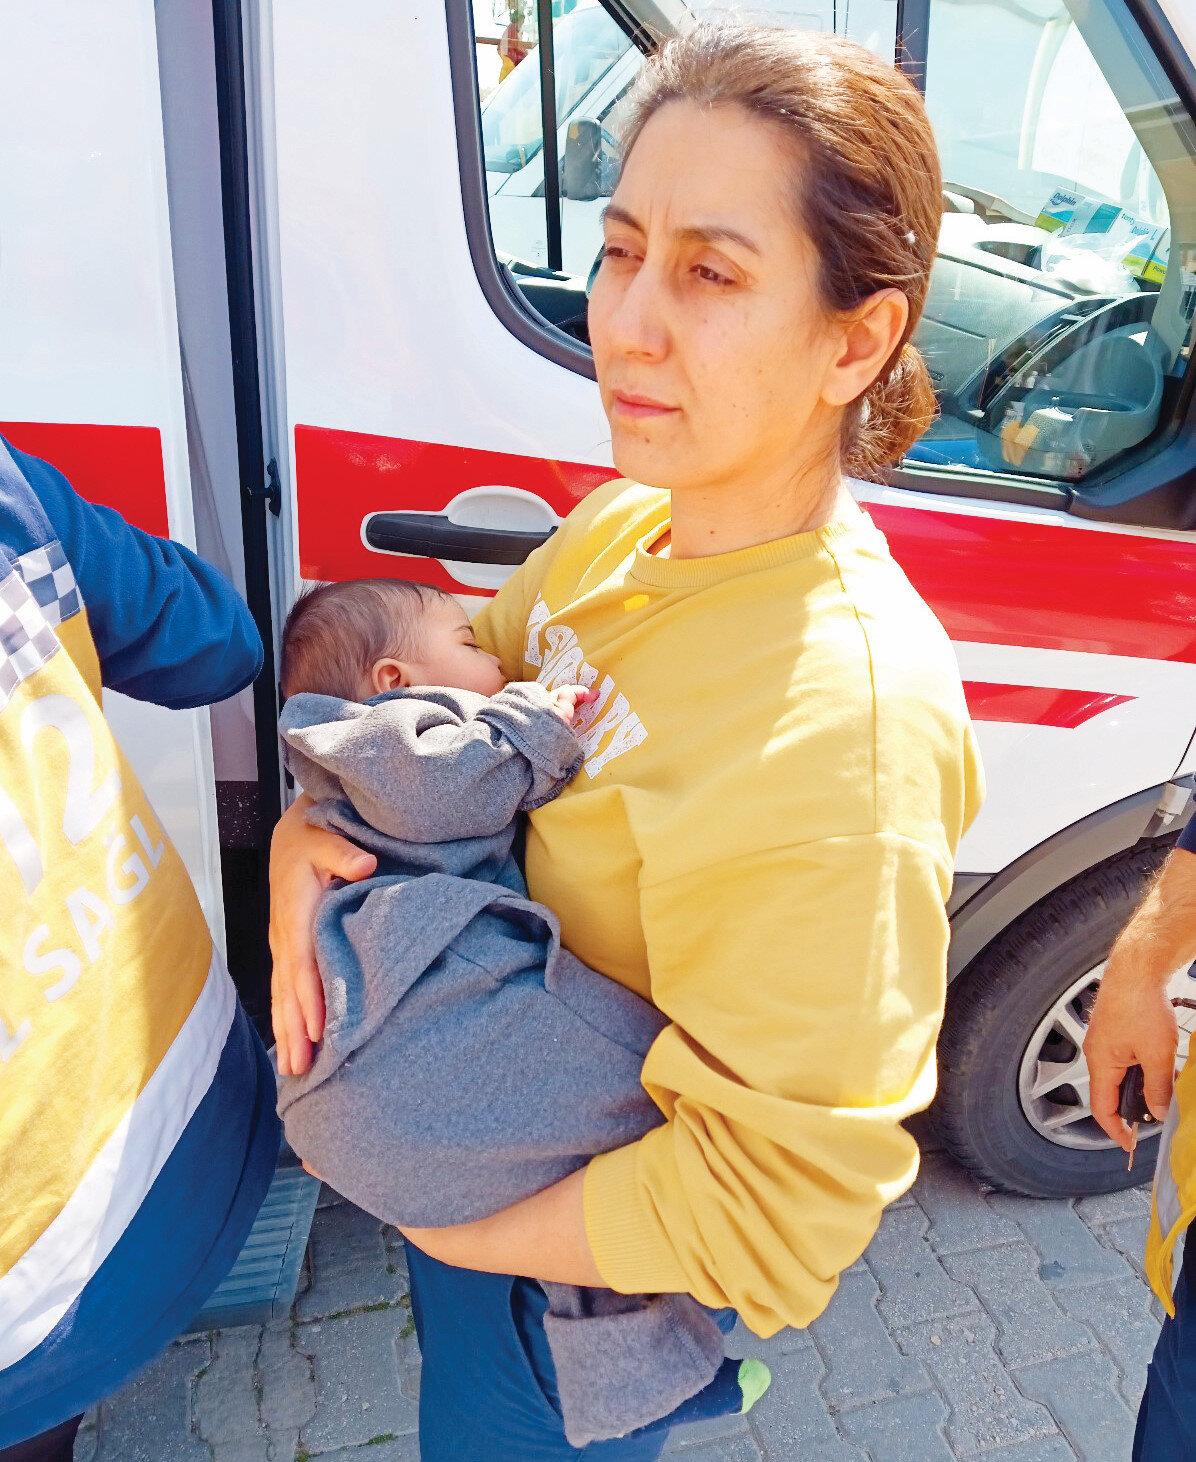 231 göçmen arasında bebek ve çocuklar da vardı. Kurtarılan insanlara 112 Acil Sağlık ekipleri müdahale etti.